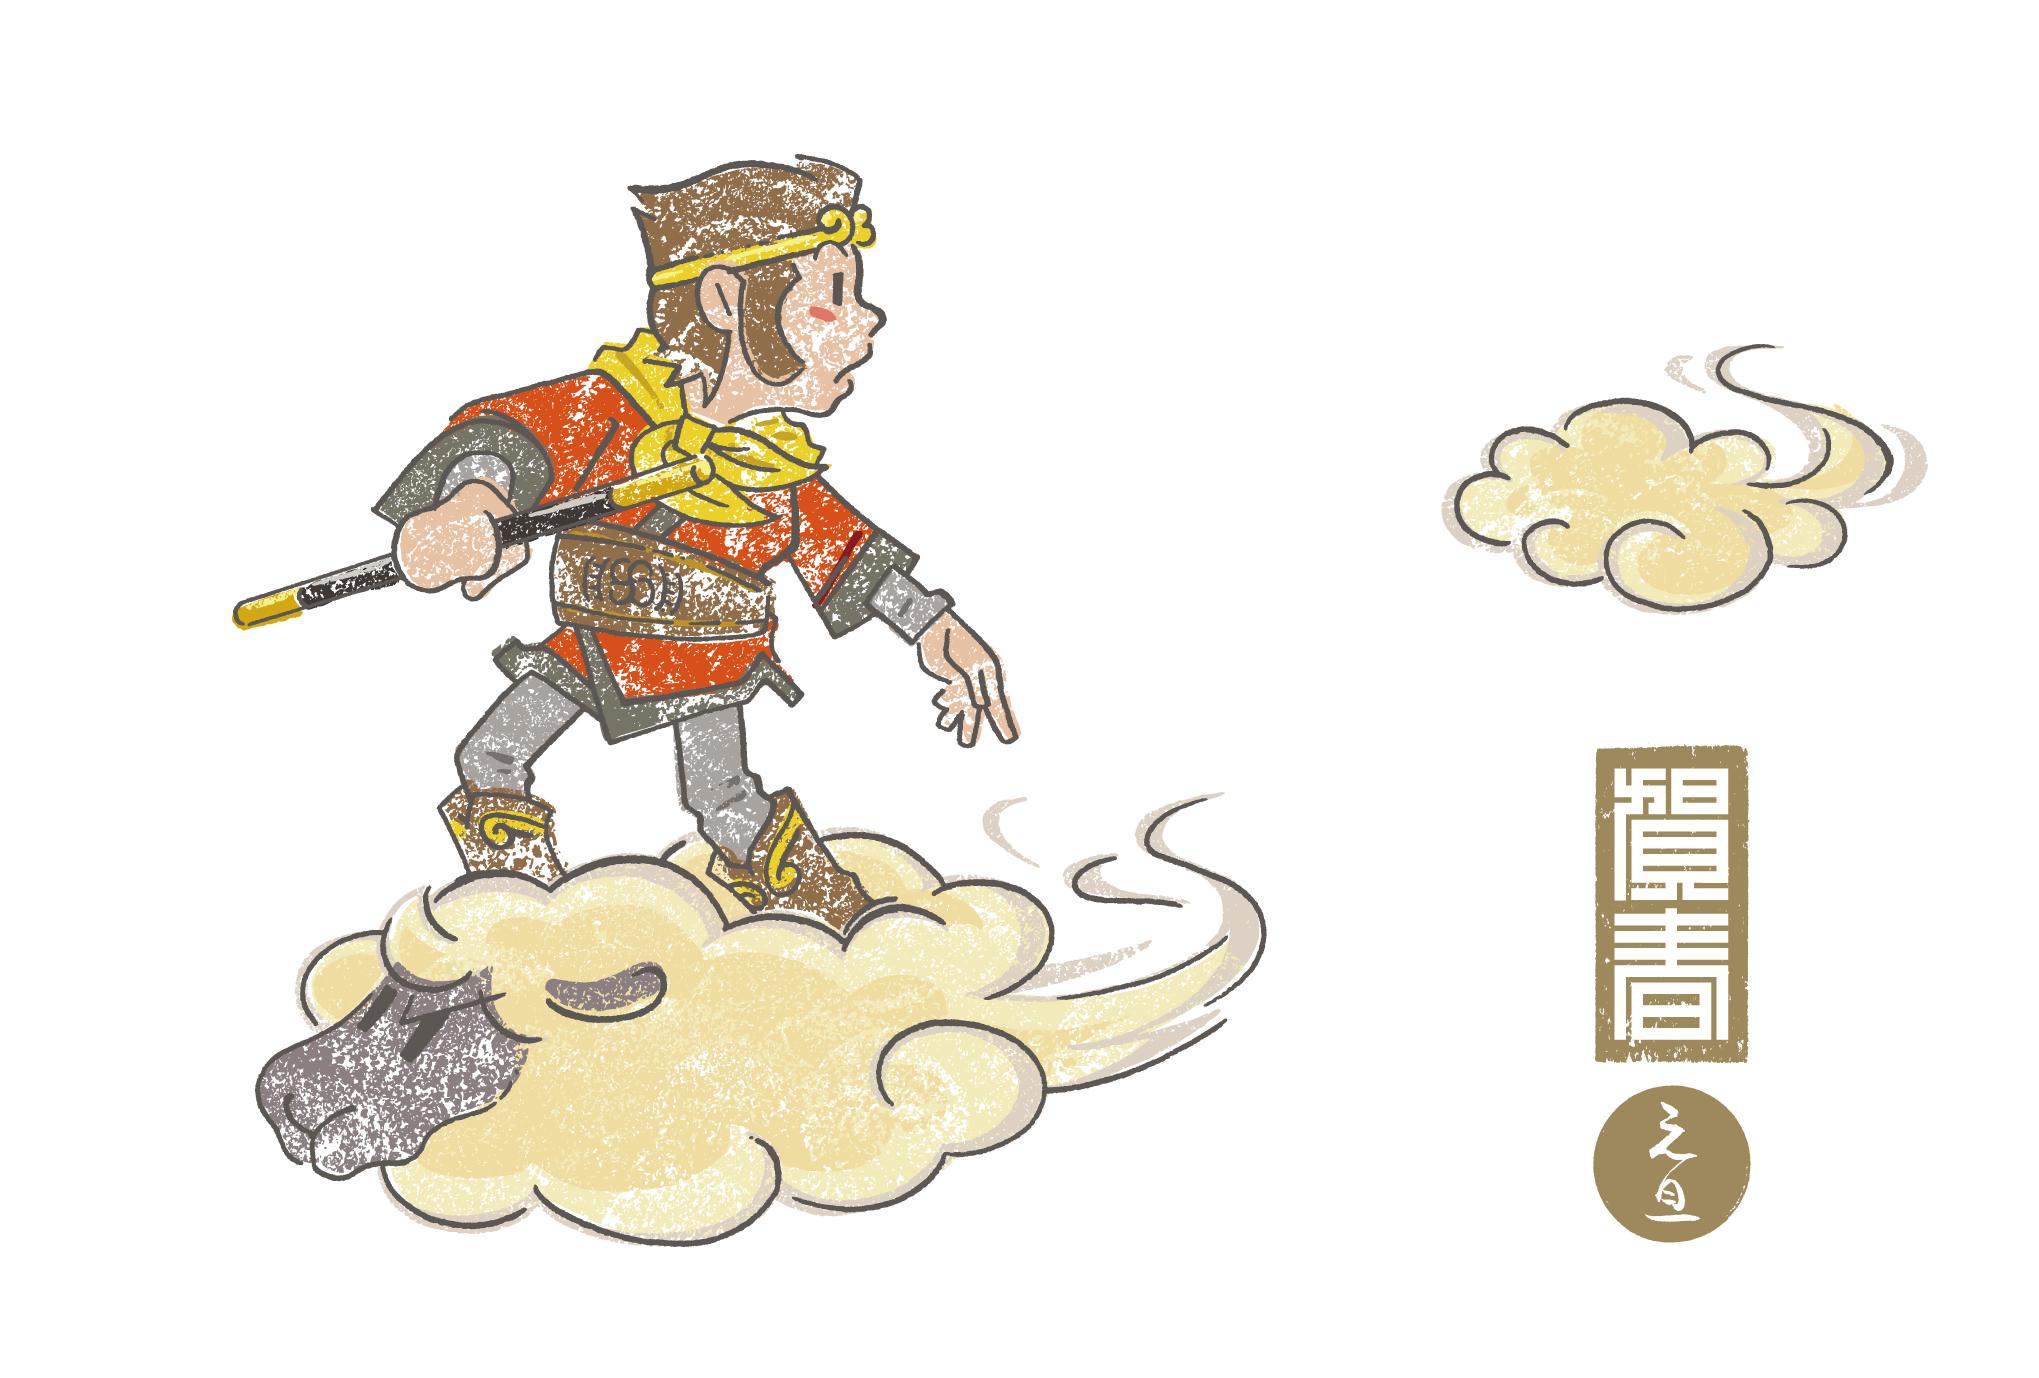 2015年賀状09-1:羊の筋斗雲 / redraw 1のダウンロード画像